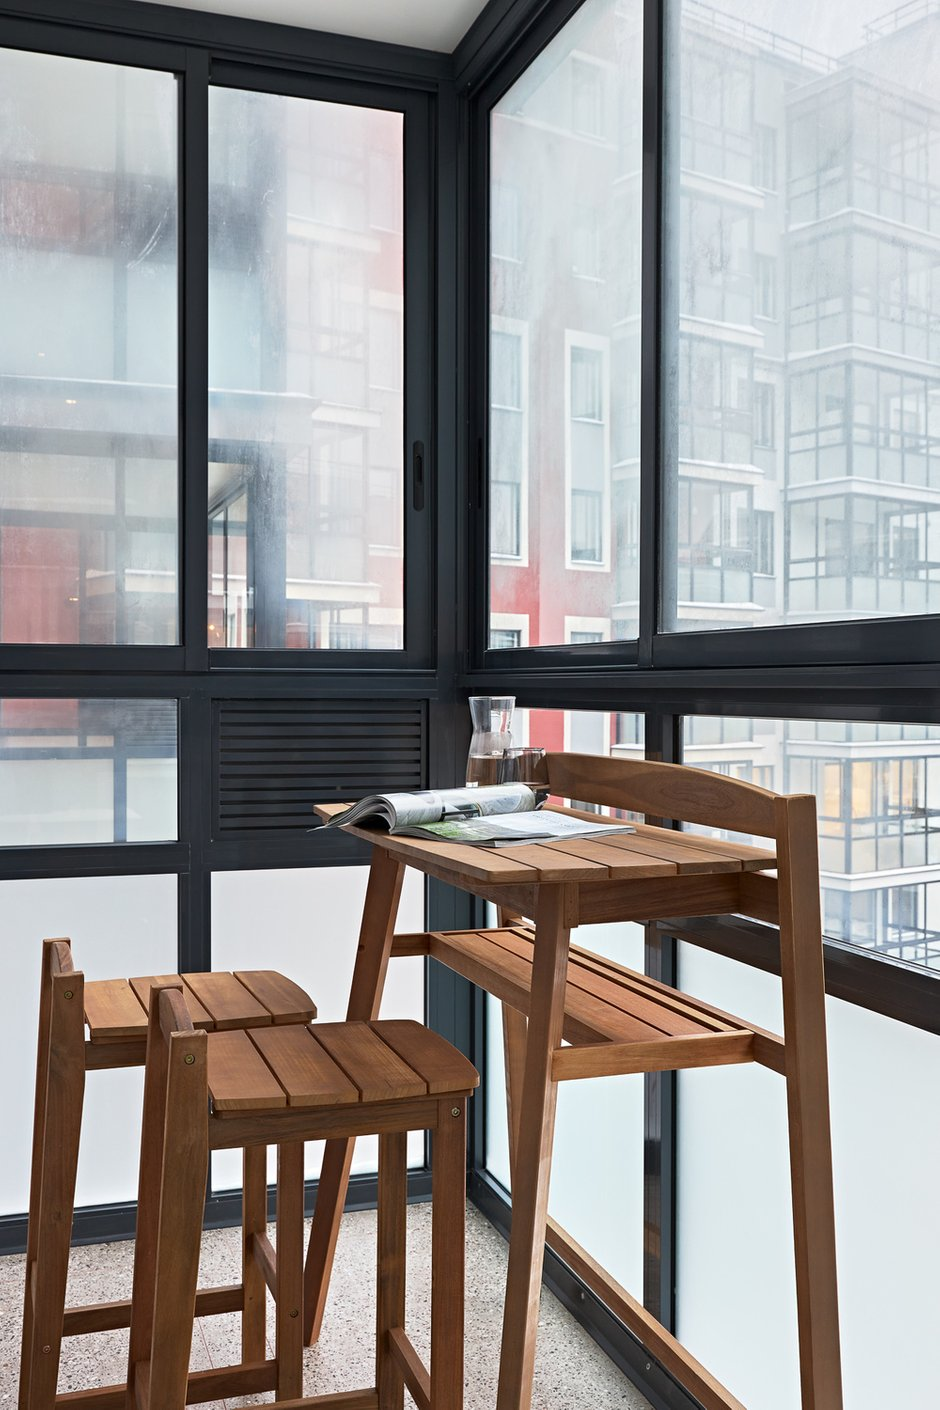 Фотография: Балкон в стиле Современный, Квартира, Проект недели, Санкт-Петербург, Ульяна Скапцова, 2 комнаты, 40-60 метров – фото на INMYROOM